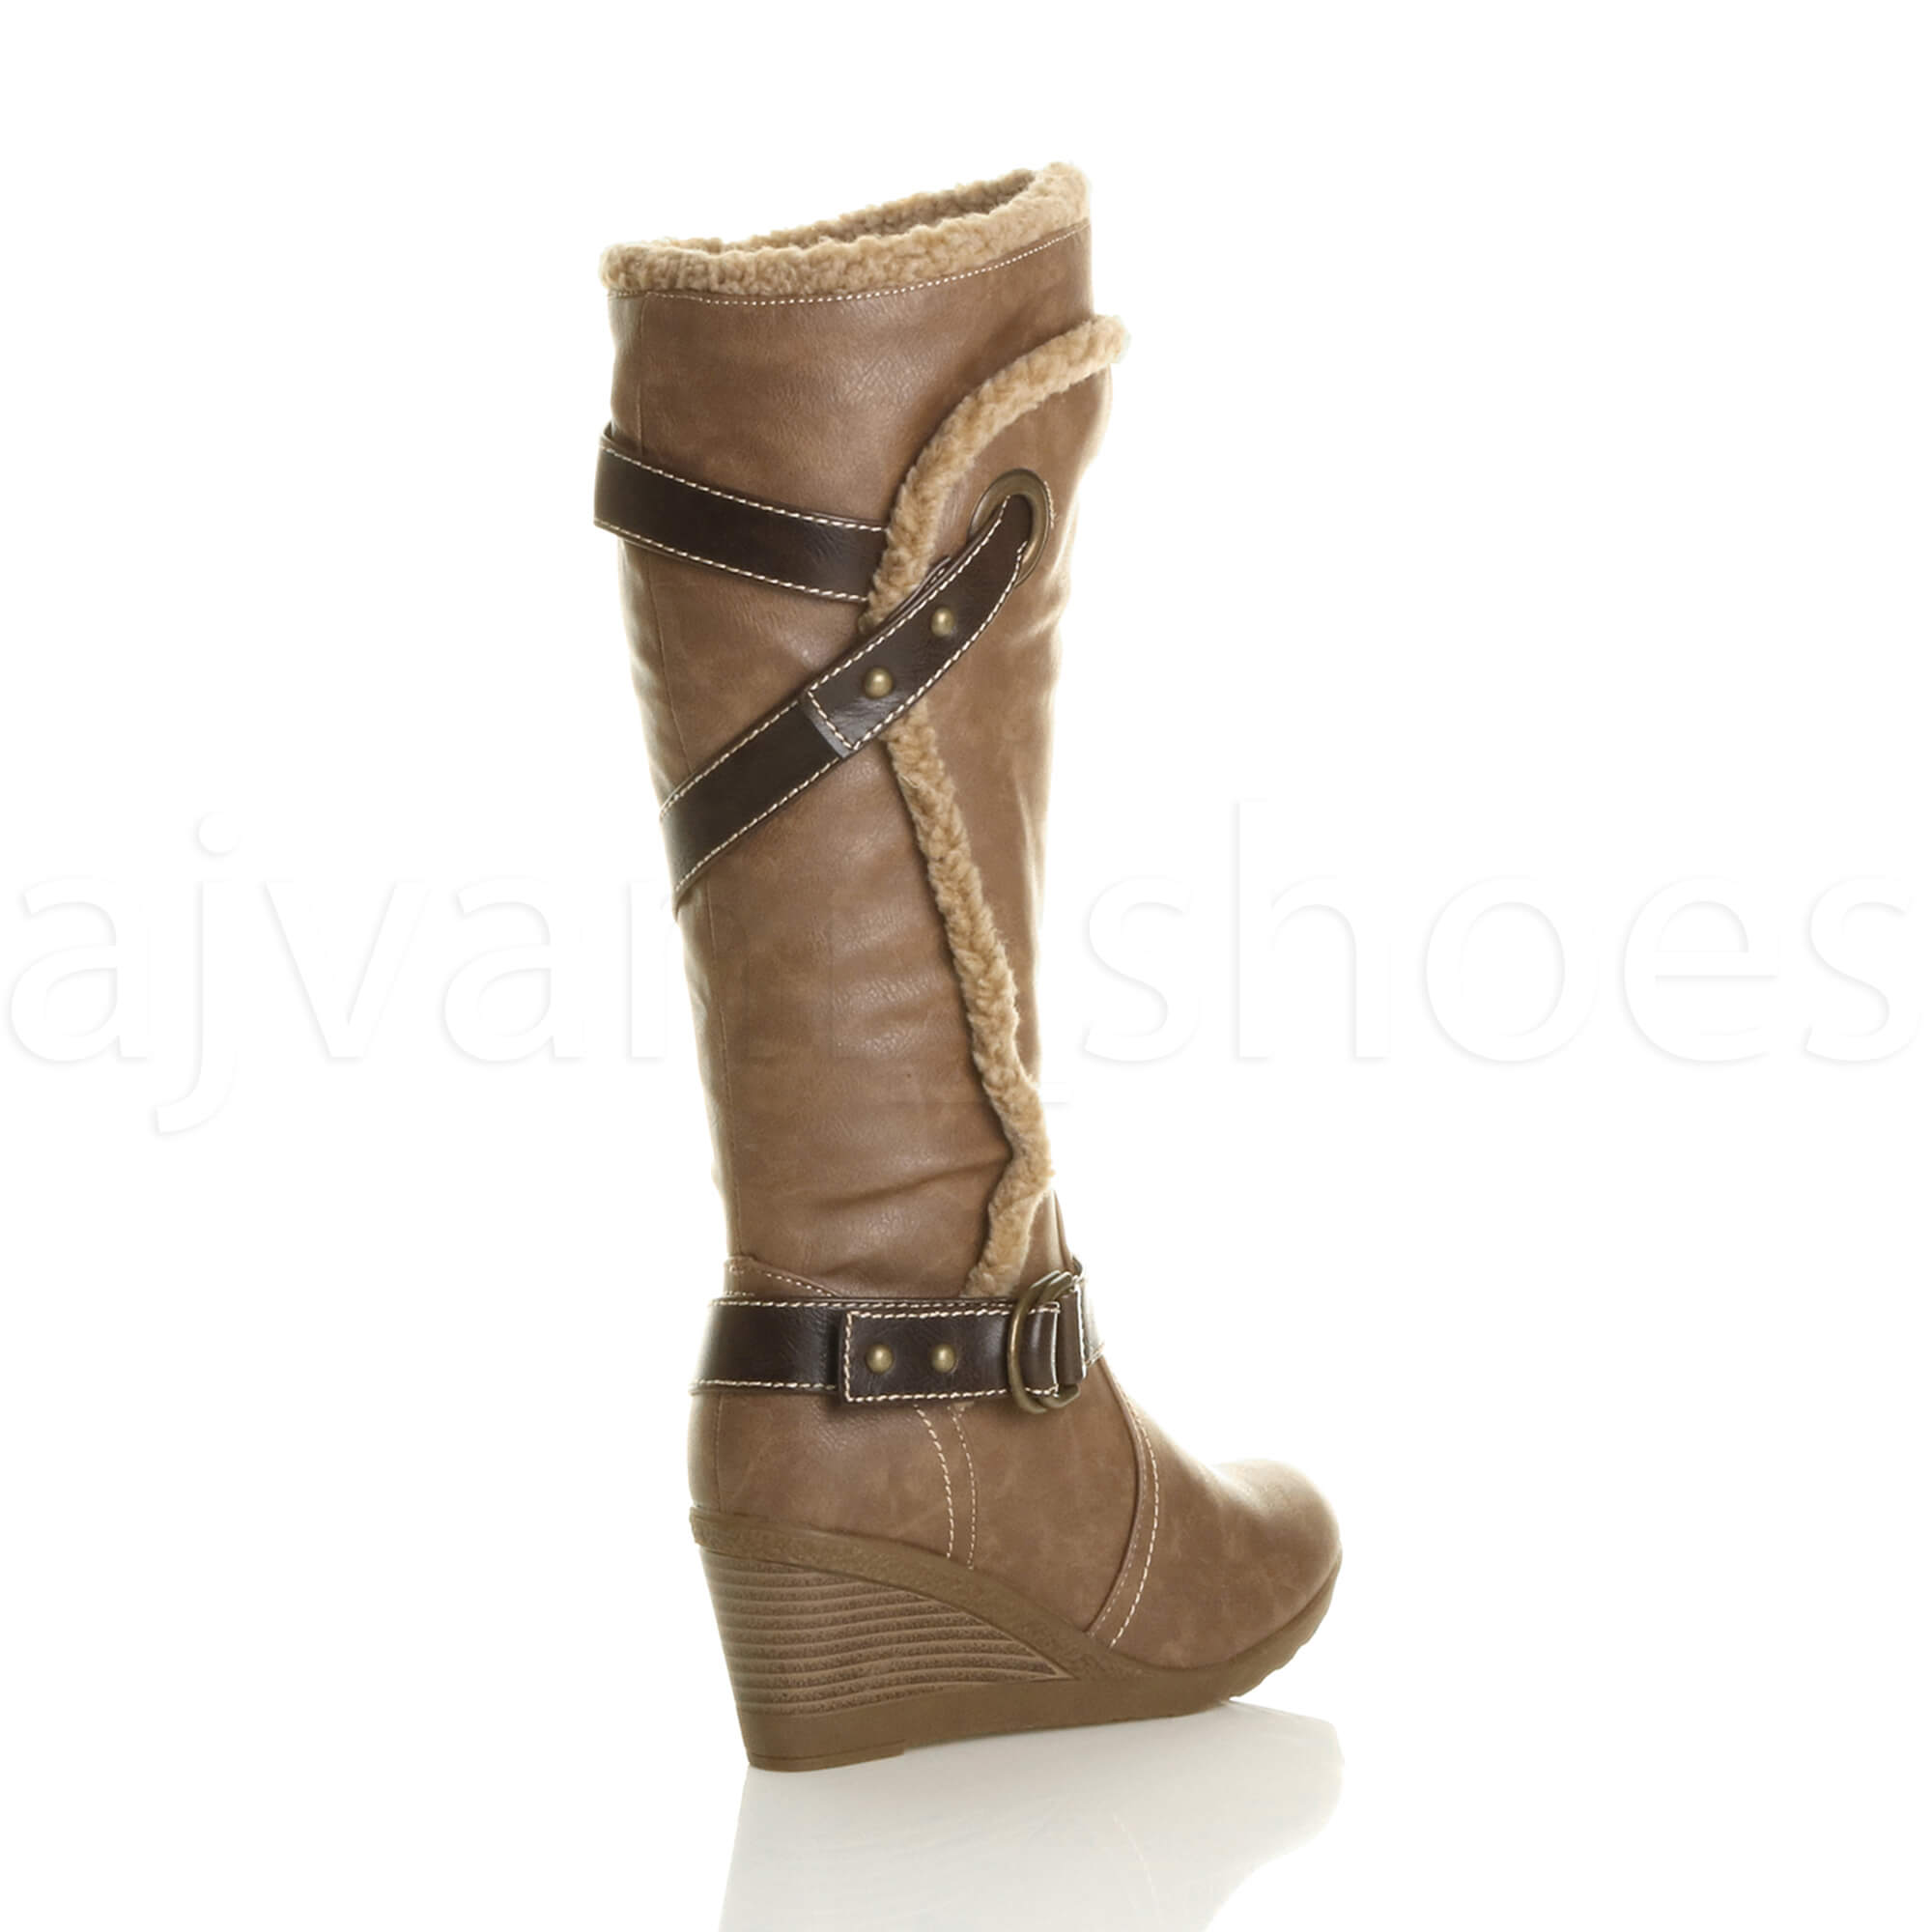 Mujeres-borde-de-piel-invierno-botas-de-cana-alta-bajo-tacon-medio-cuna-talla